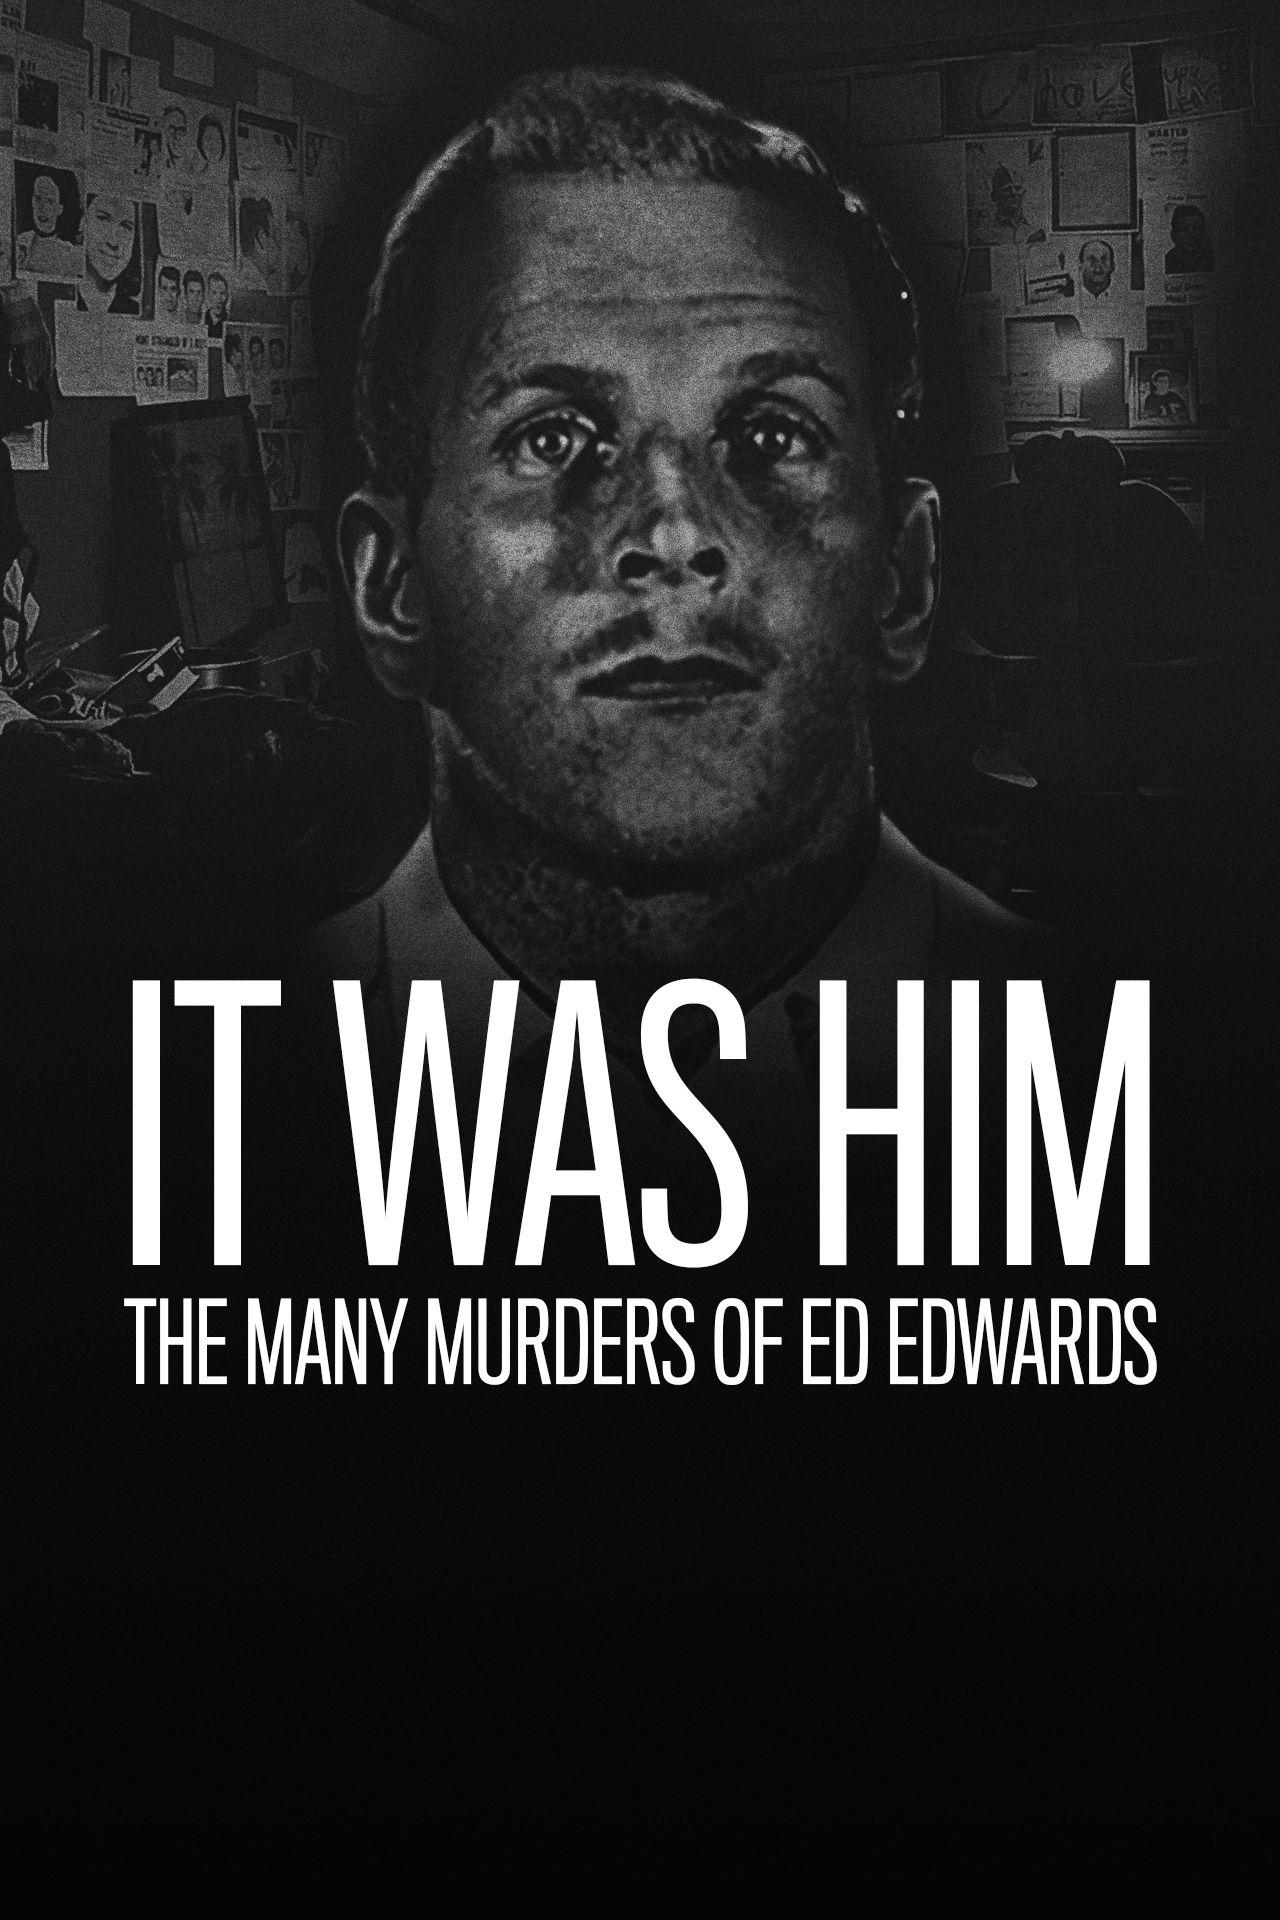 eddie edwards history